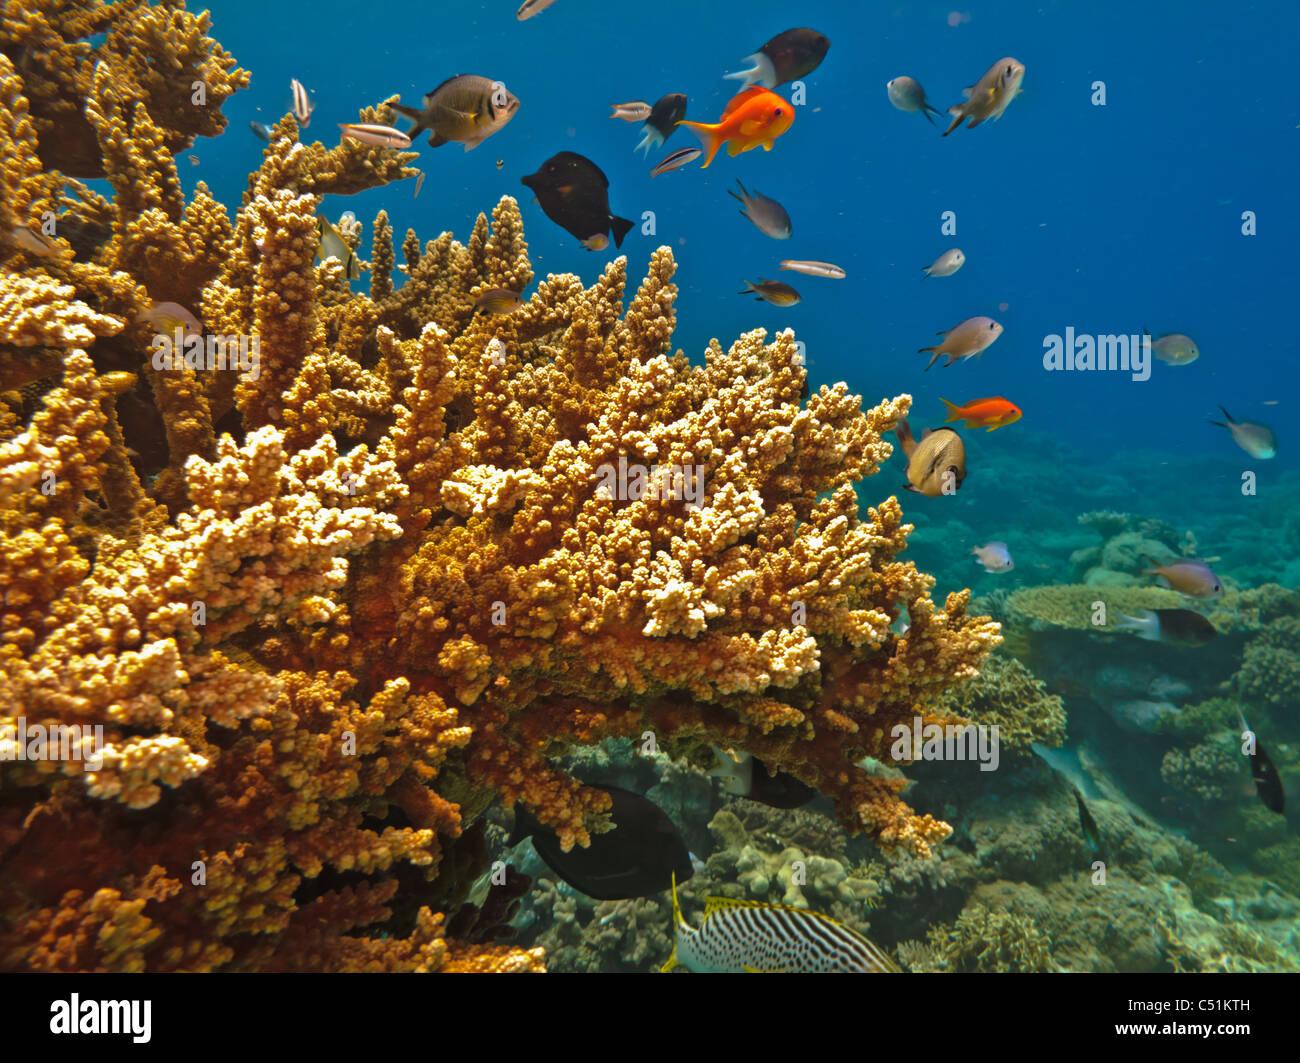 Colonias de corales pétreos y una variedad de coloridos peces de la Gran Barrera de Coral de Australia Imagen De Stock